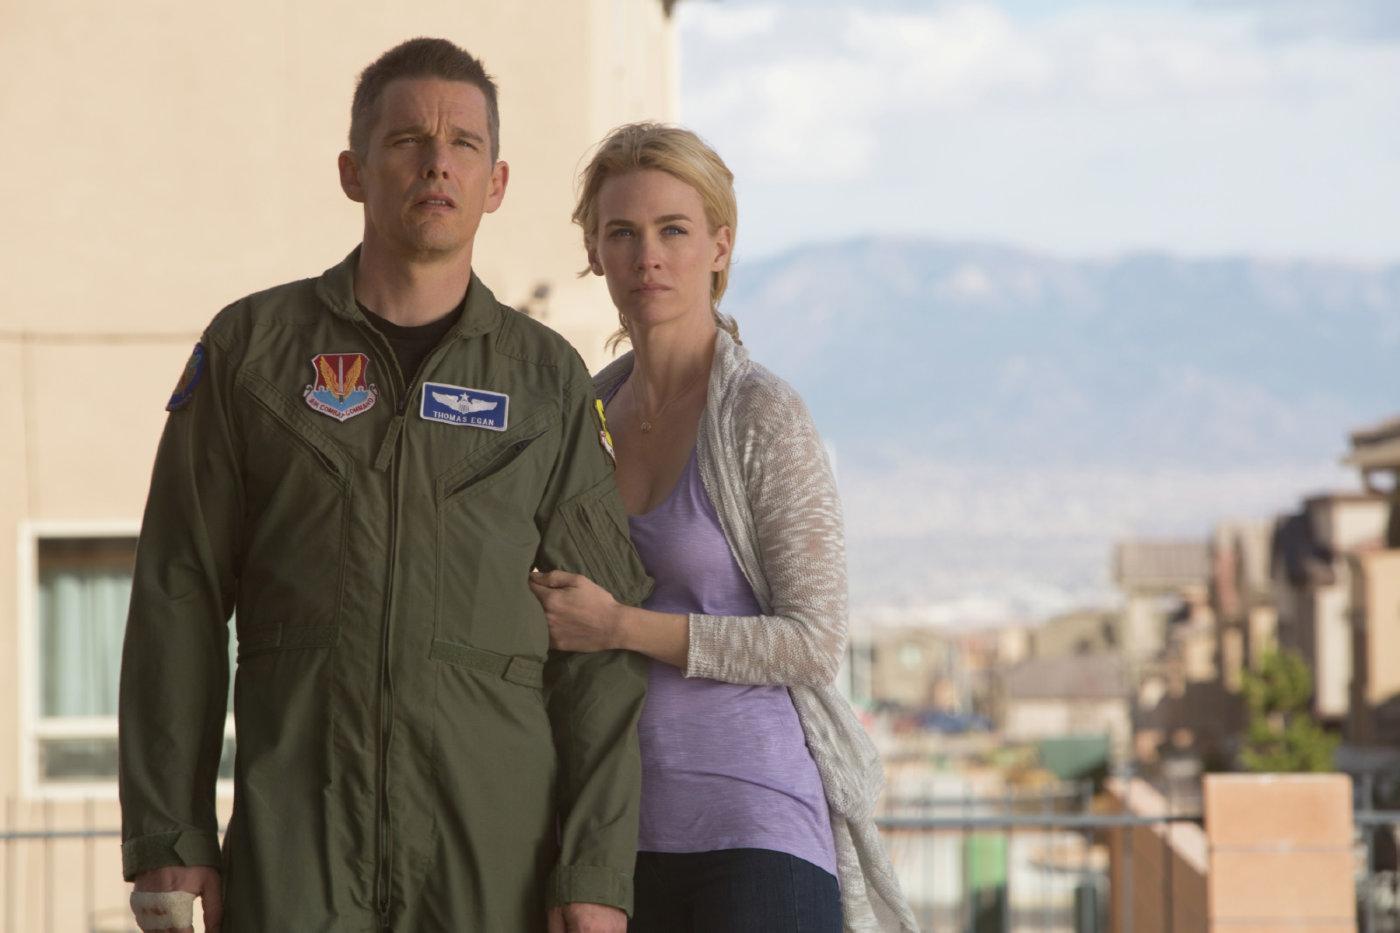 Venerdi 12 Gennaio sui canali Sky Cinema HD e Sky 3D